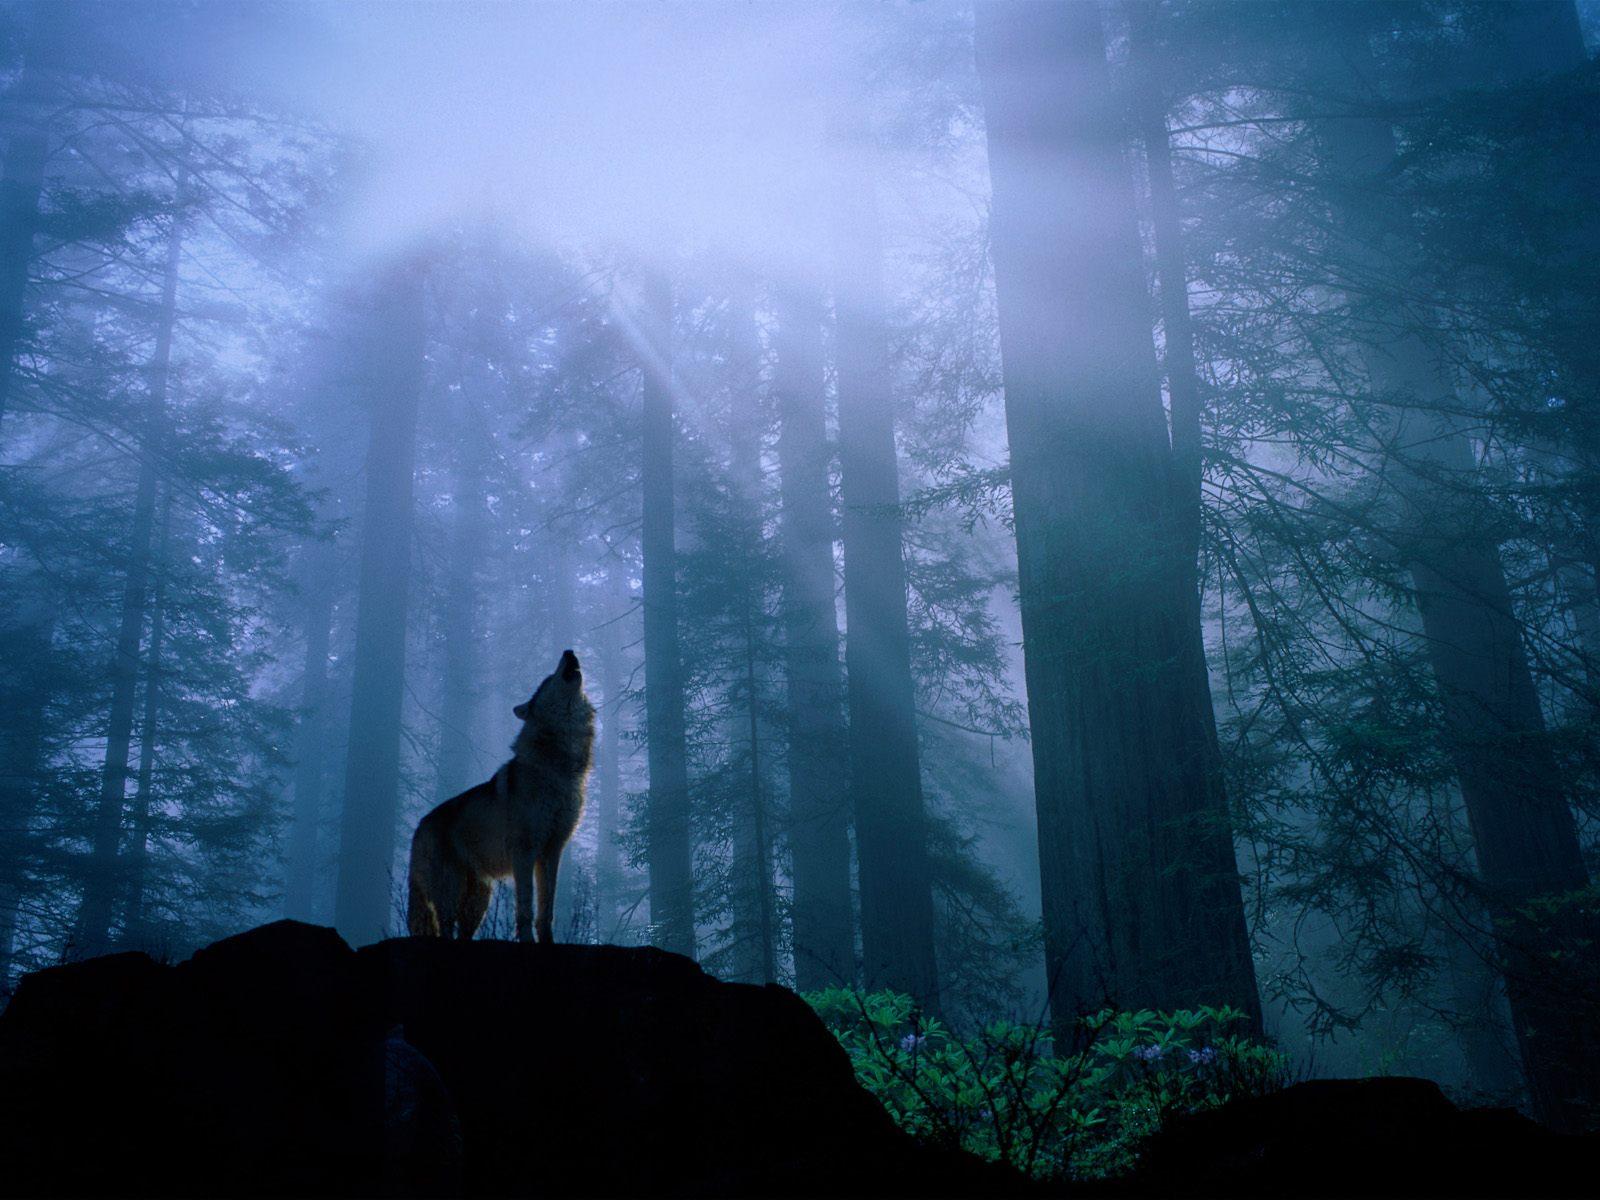 Wolf Wallpaper Desktop 11130 Hd Wallpapers in Animals   Imagescicom 1600x1200